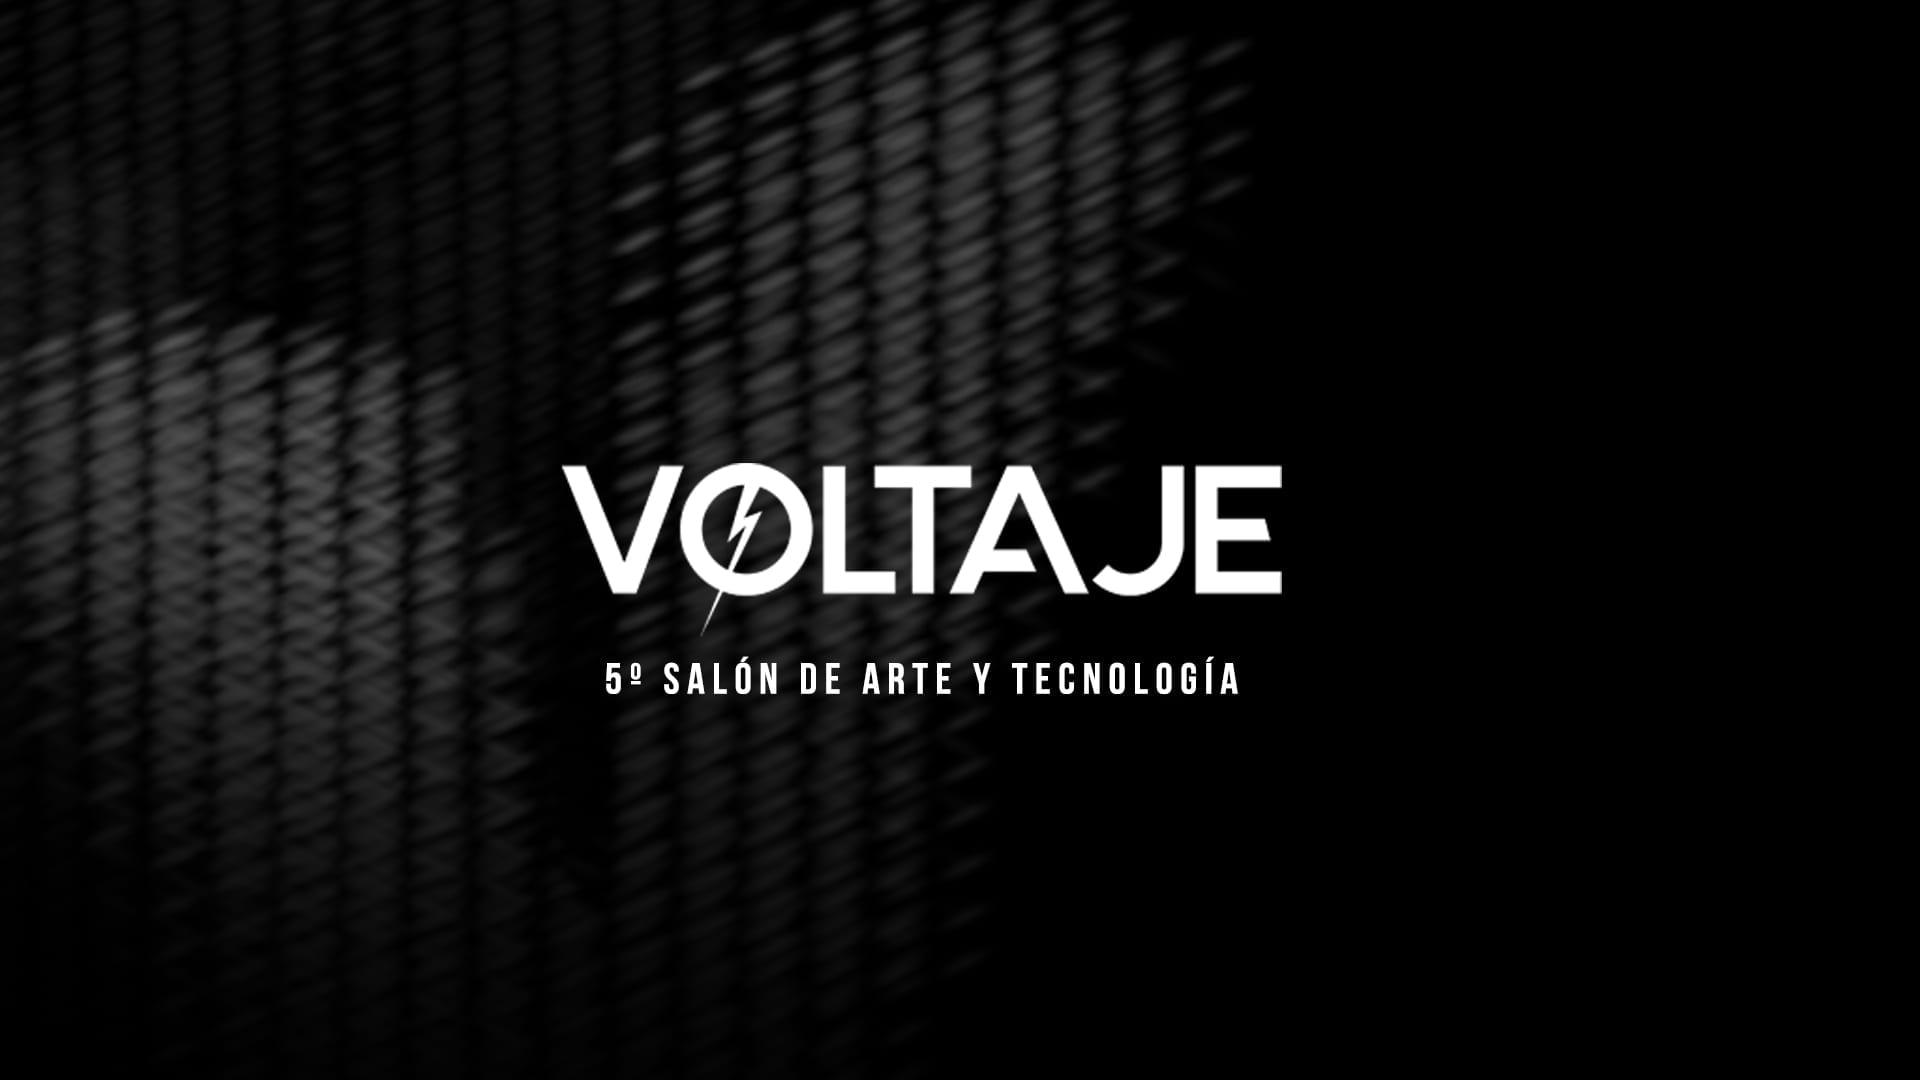 Voltaje – 5º salón de arte y tecnología